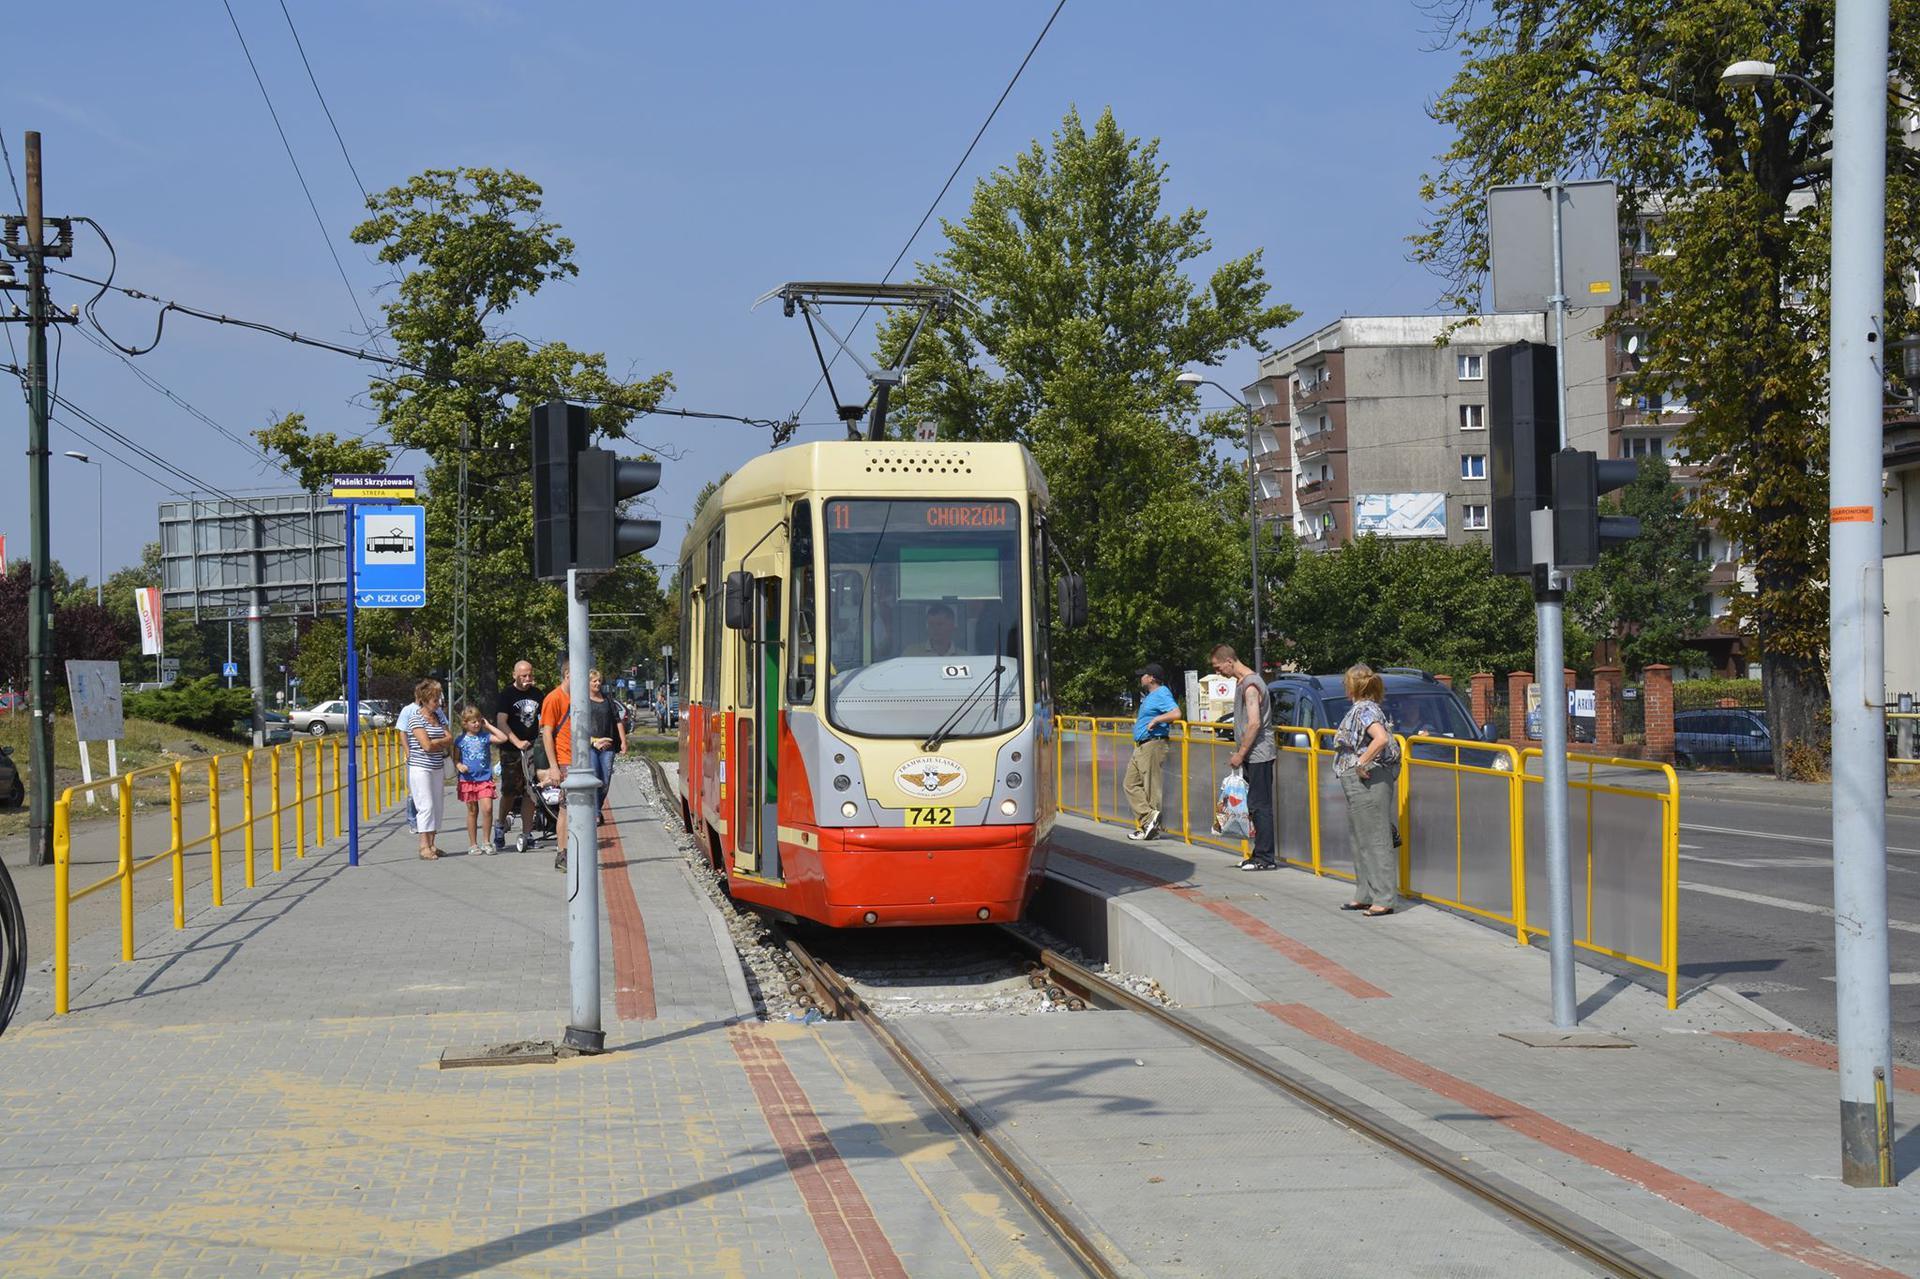 W kwietniu rozpocznie się modernizacja torowiska tramwajowego ...